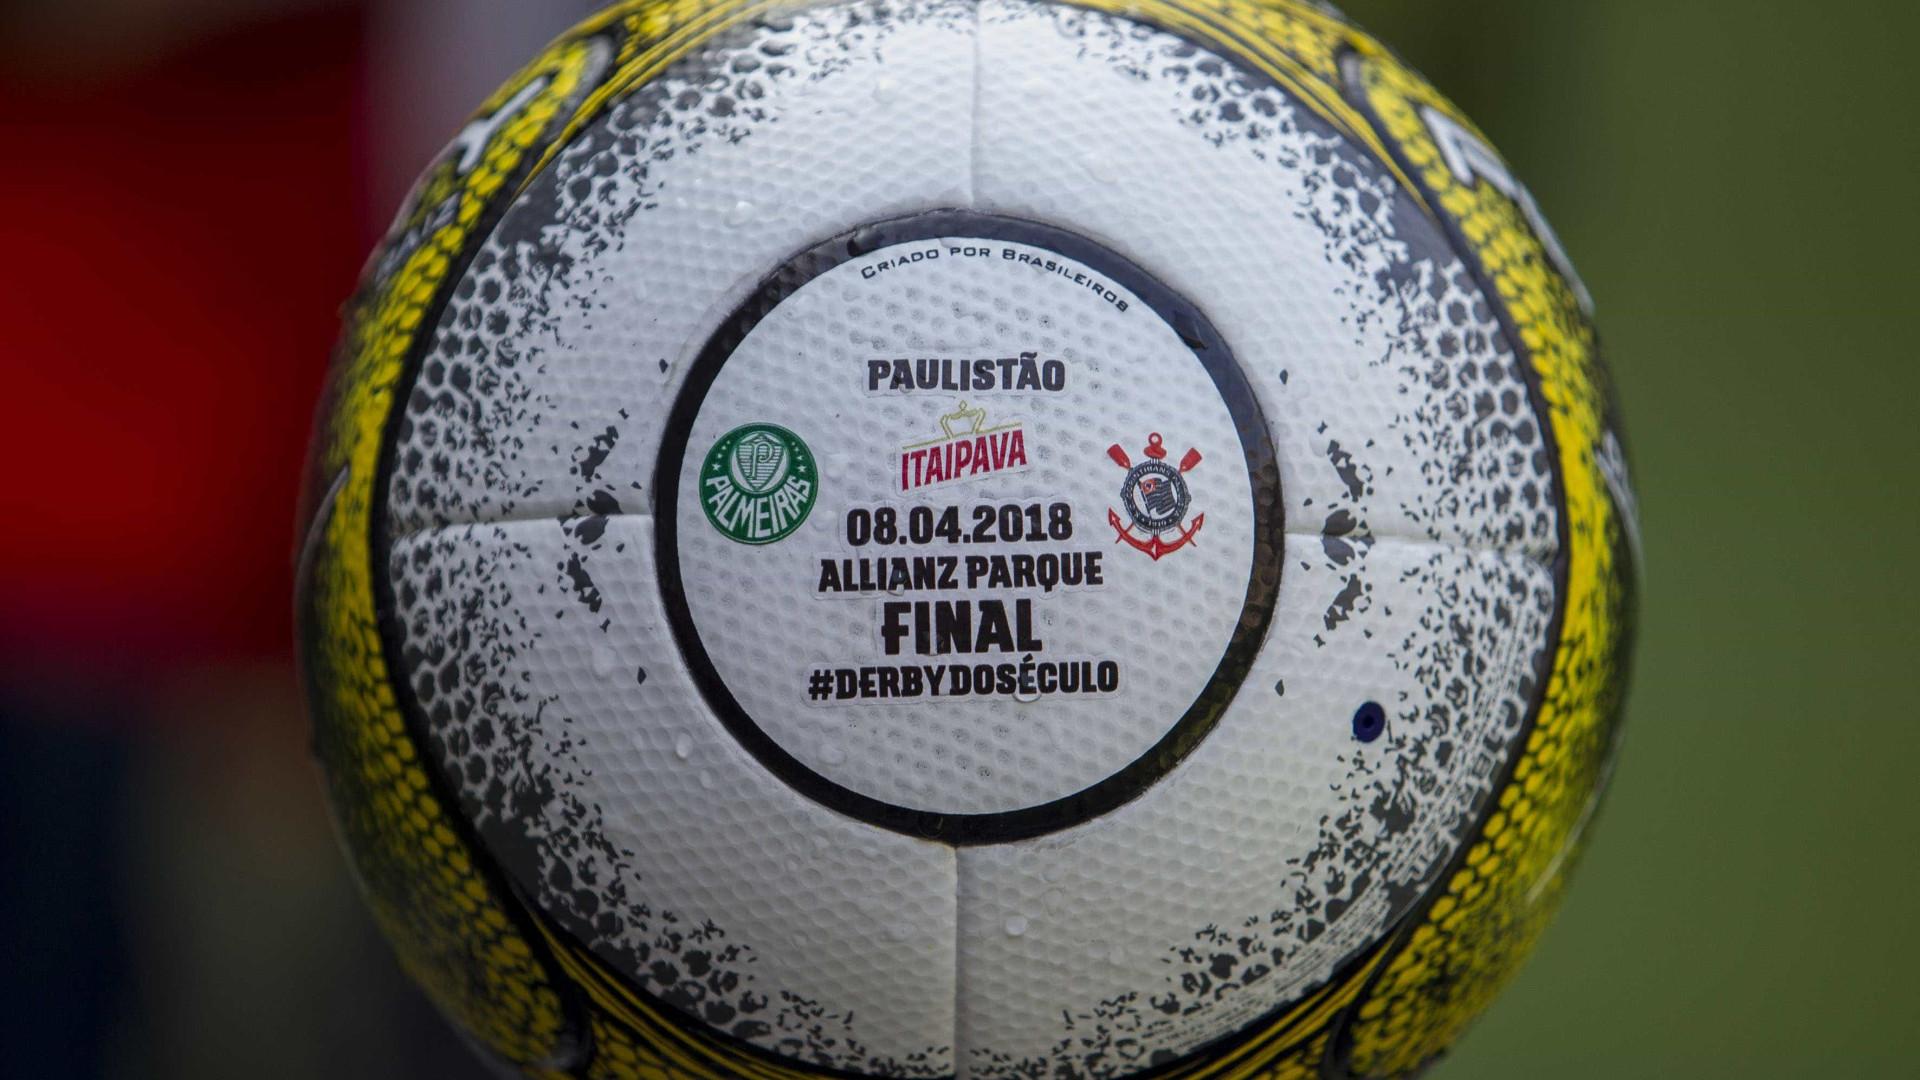 STJD nega pedido do Palmeiras de impugnar final do Paulista